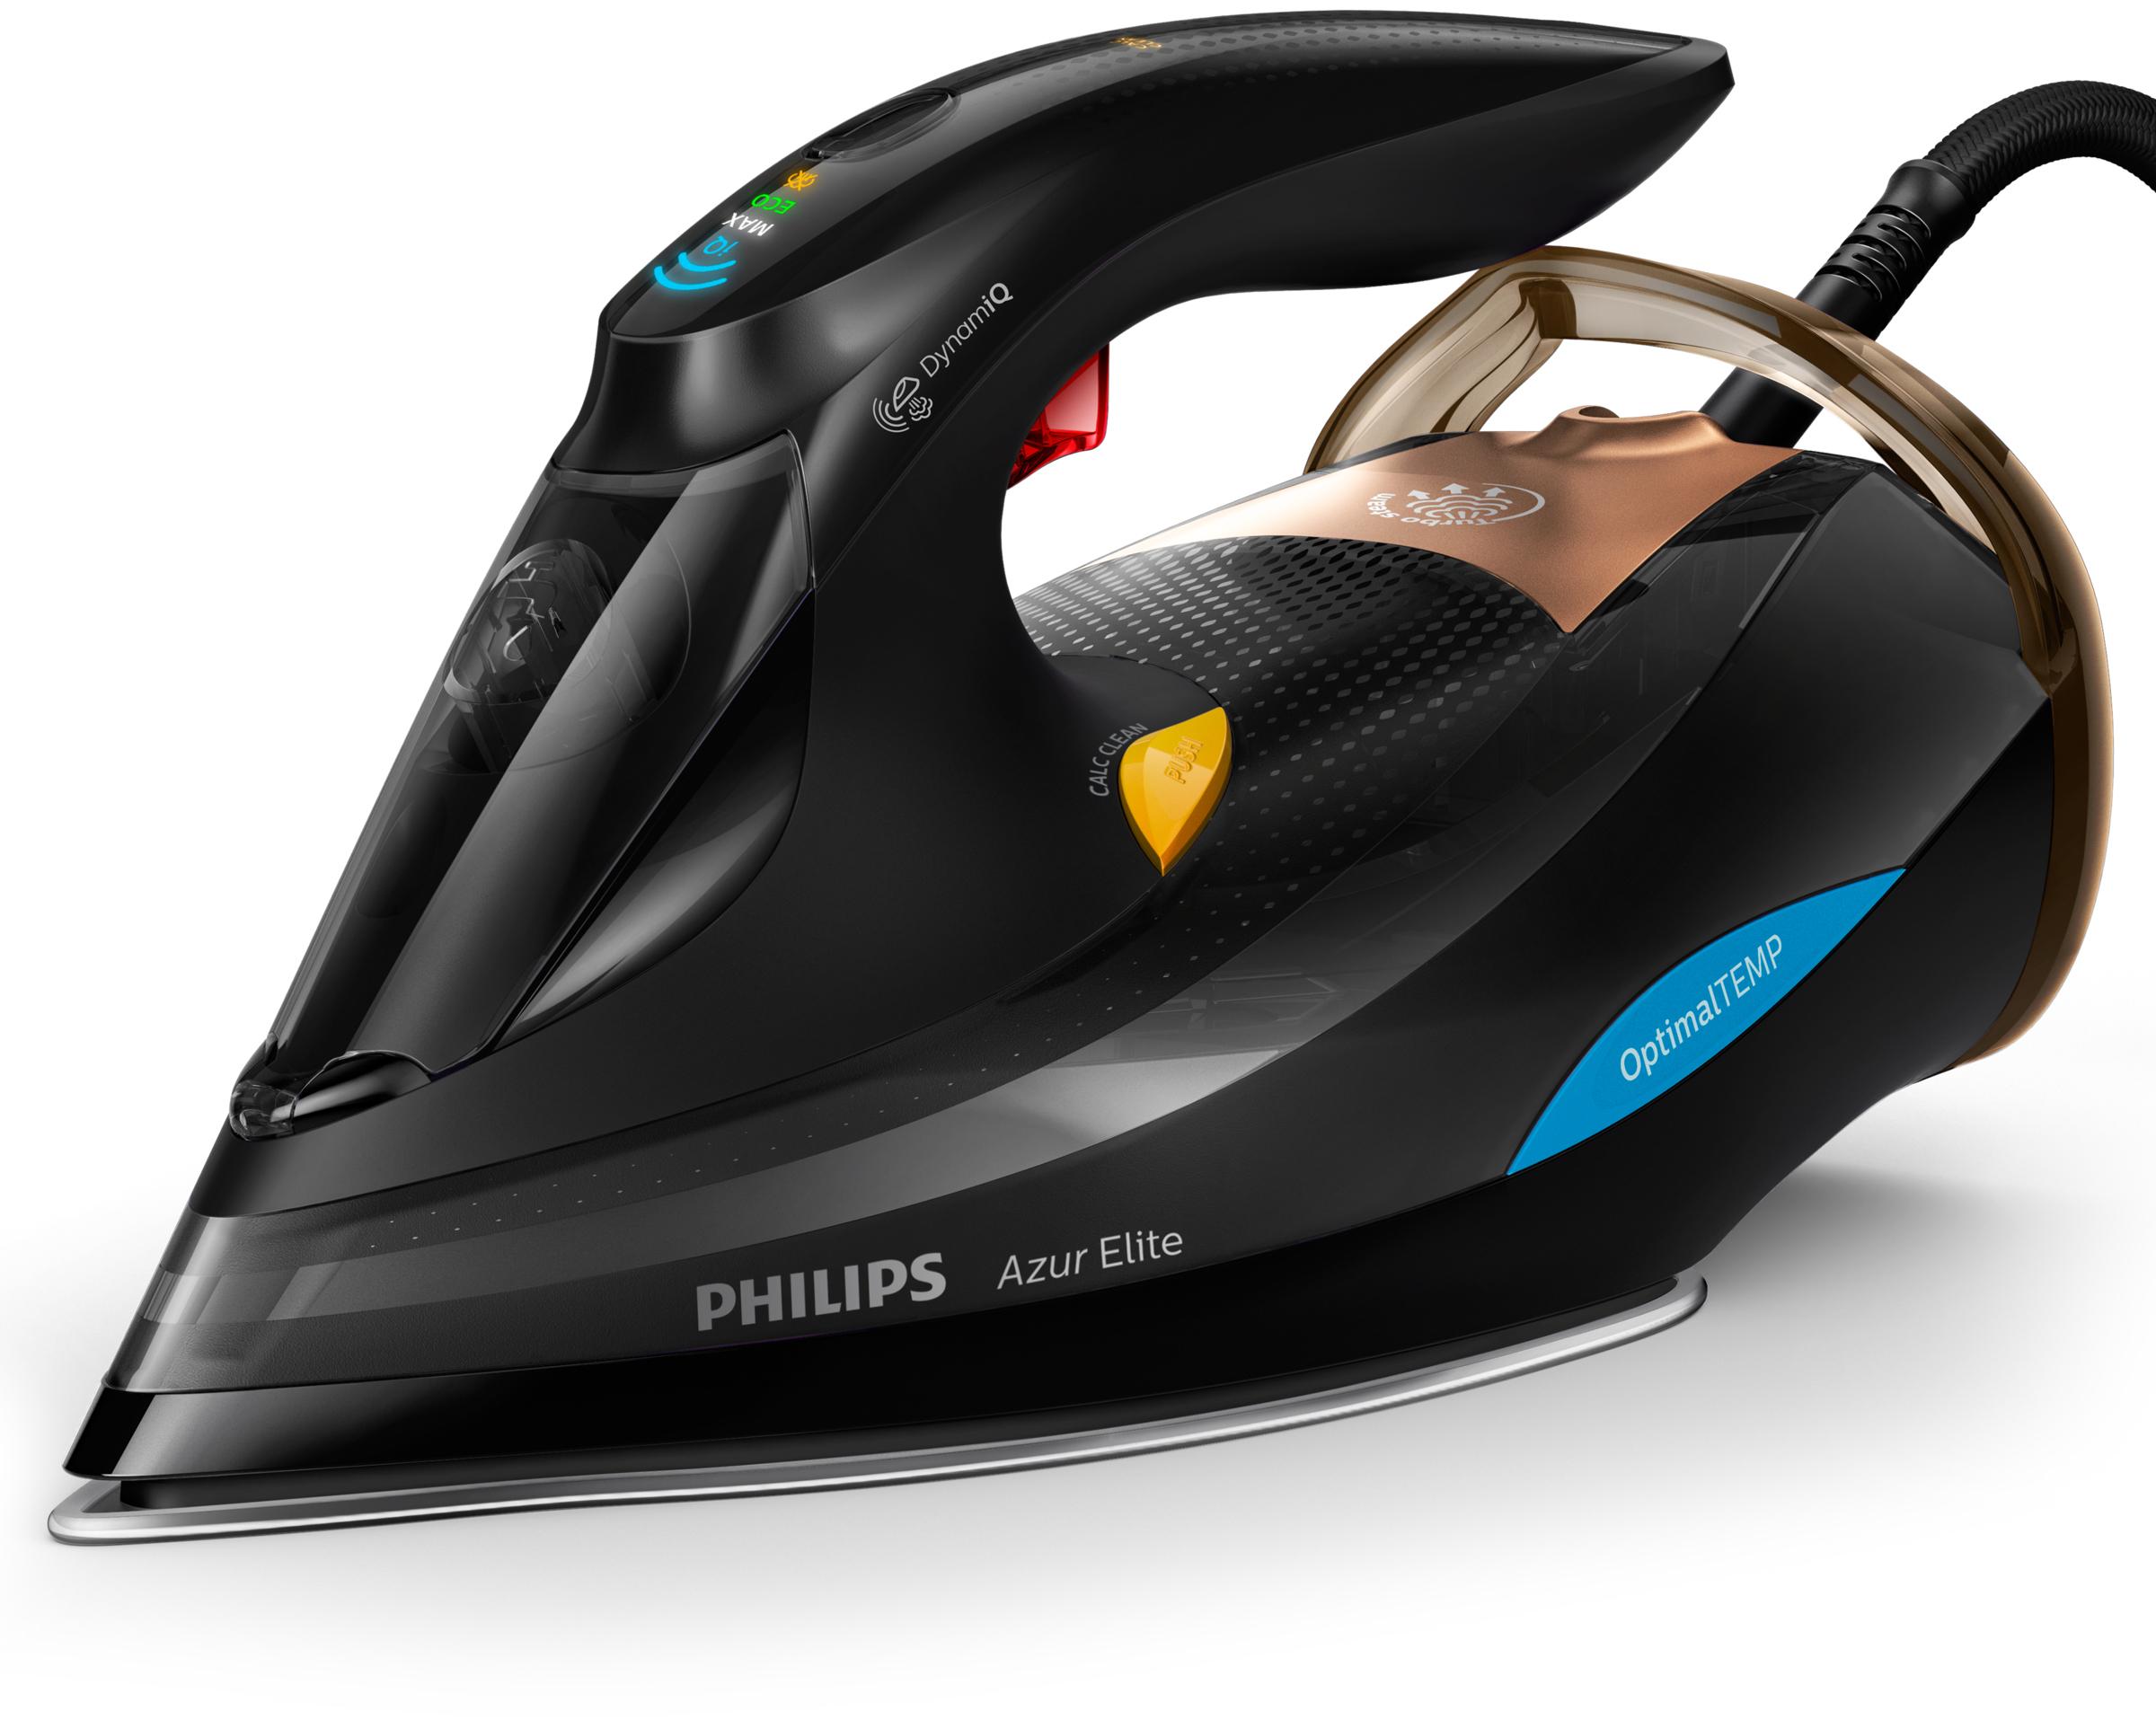 Philips GC5033/80 Azur Elite Dampfbügeleisen 3000W 2,5m 250g SteamGlide Advanced für 129,99 Euro